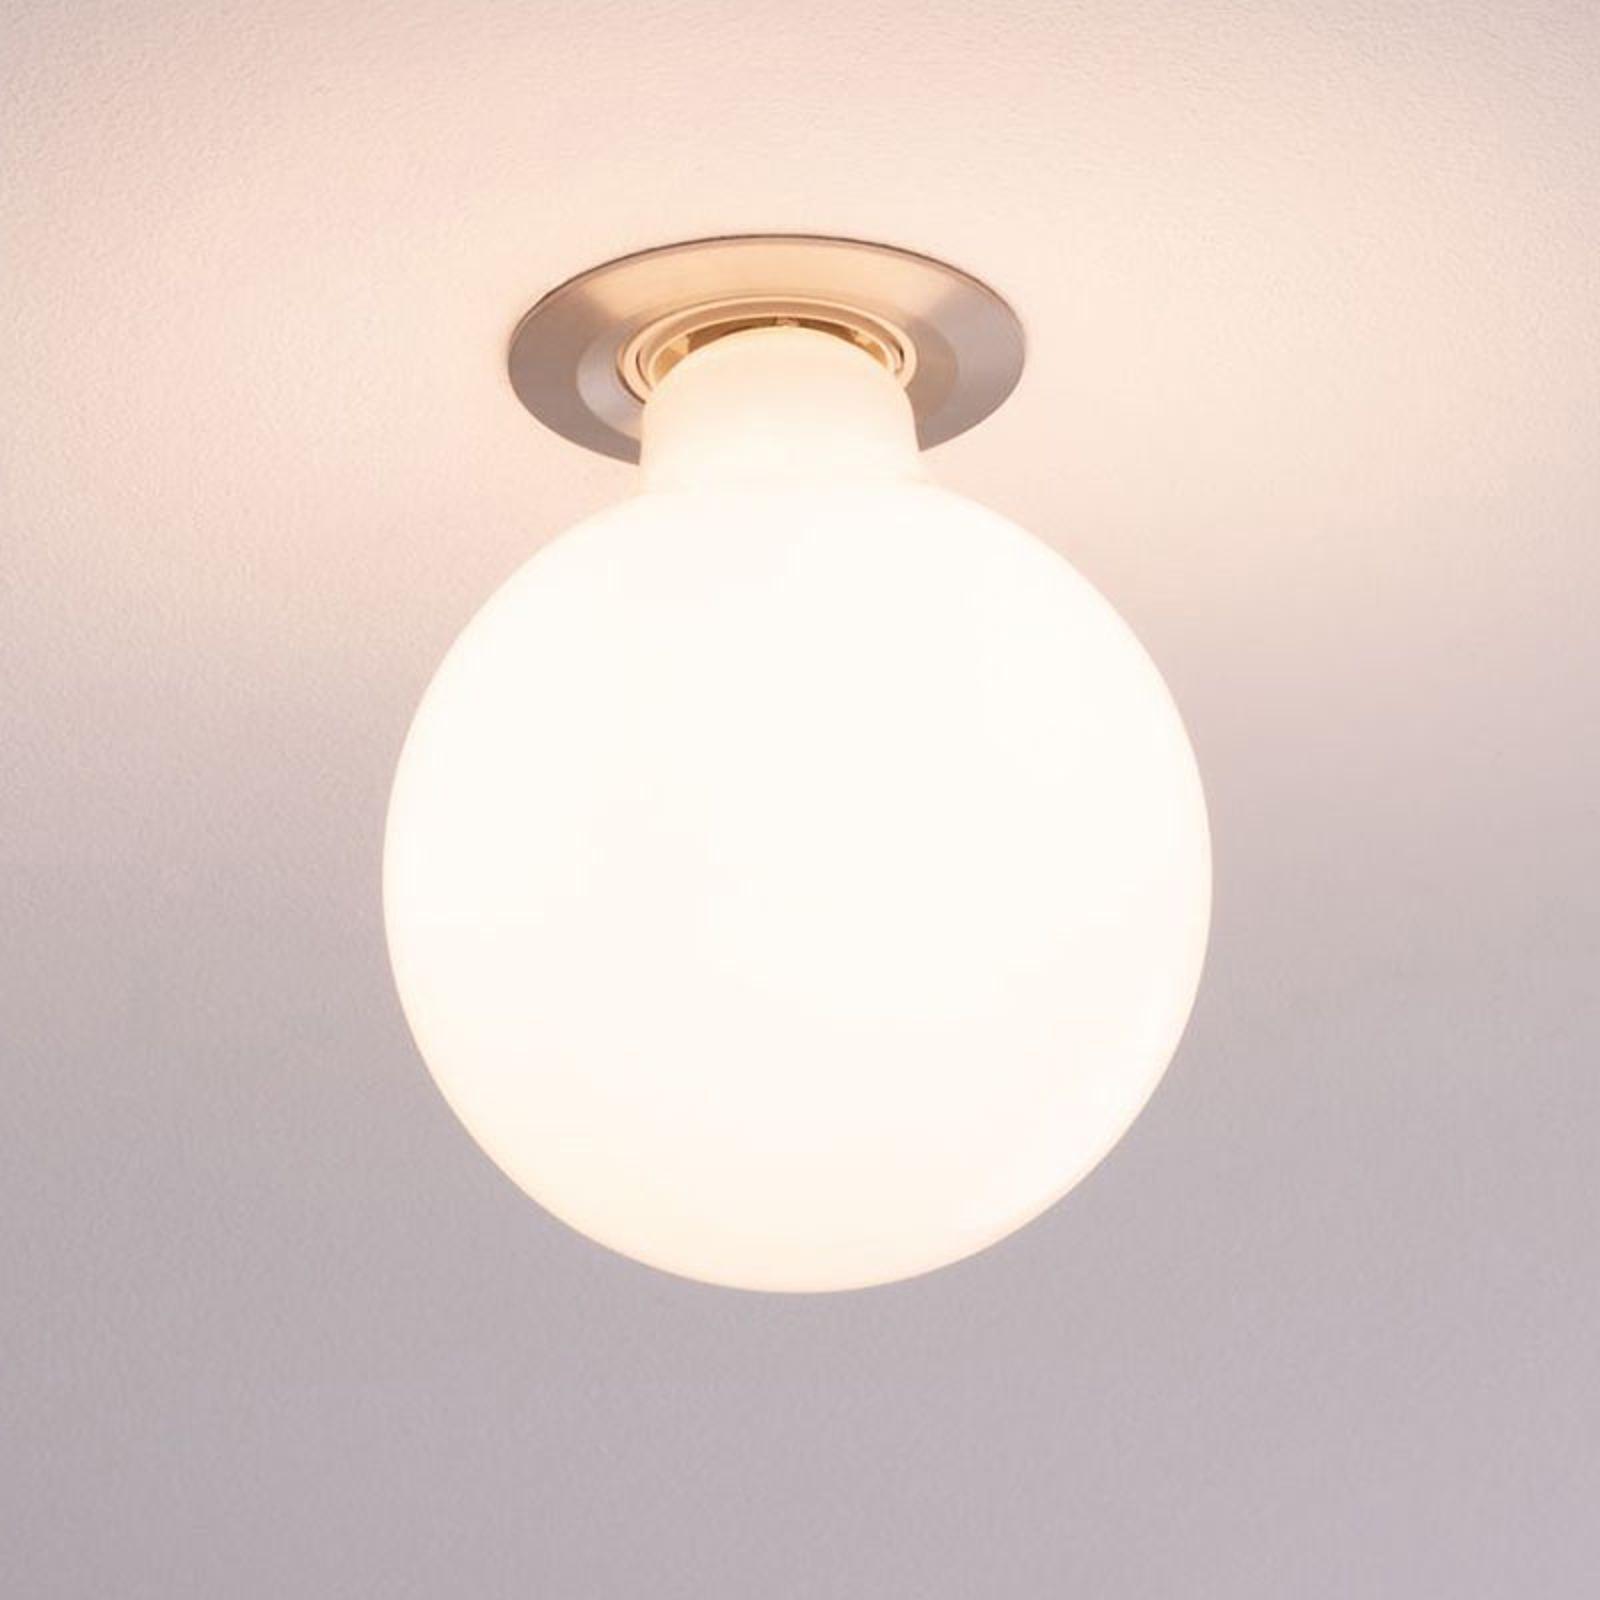 Paulmann LED-Globe G95 E27 7,5W 827 opal dimmbar